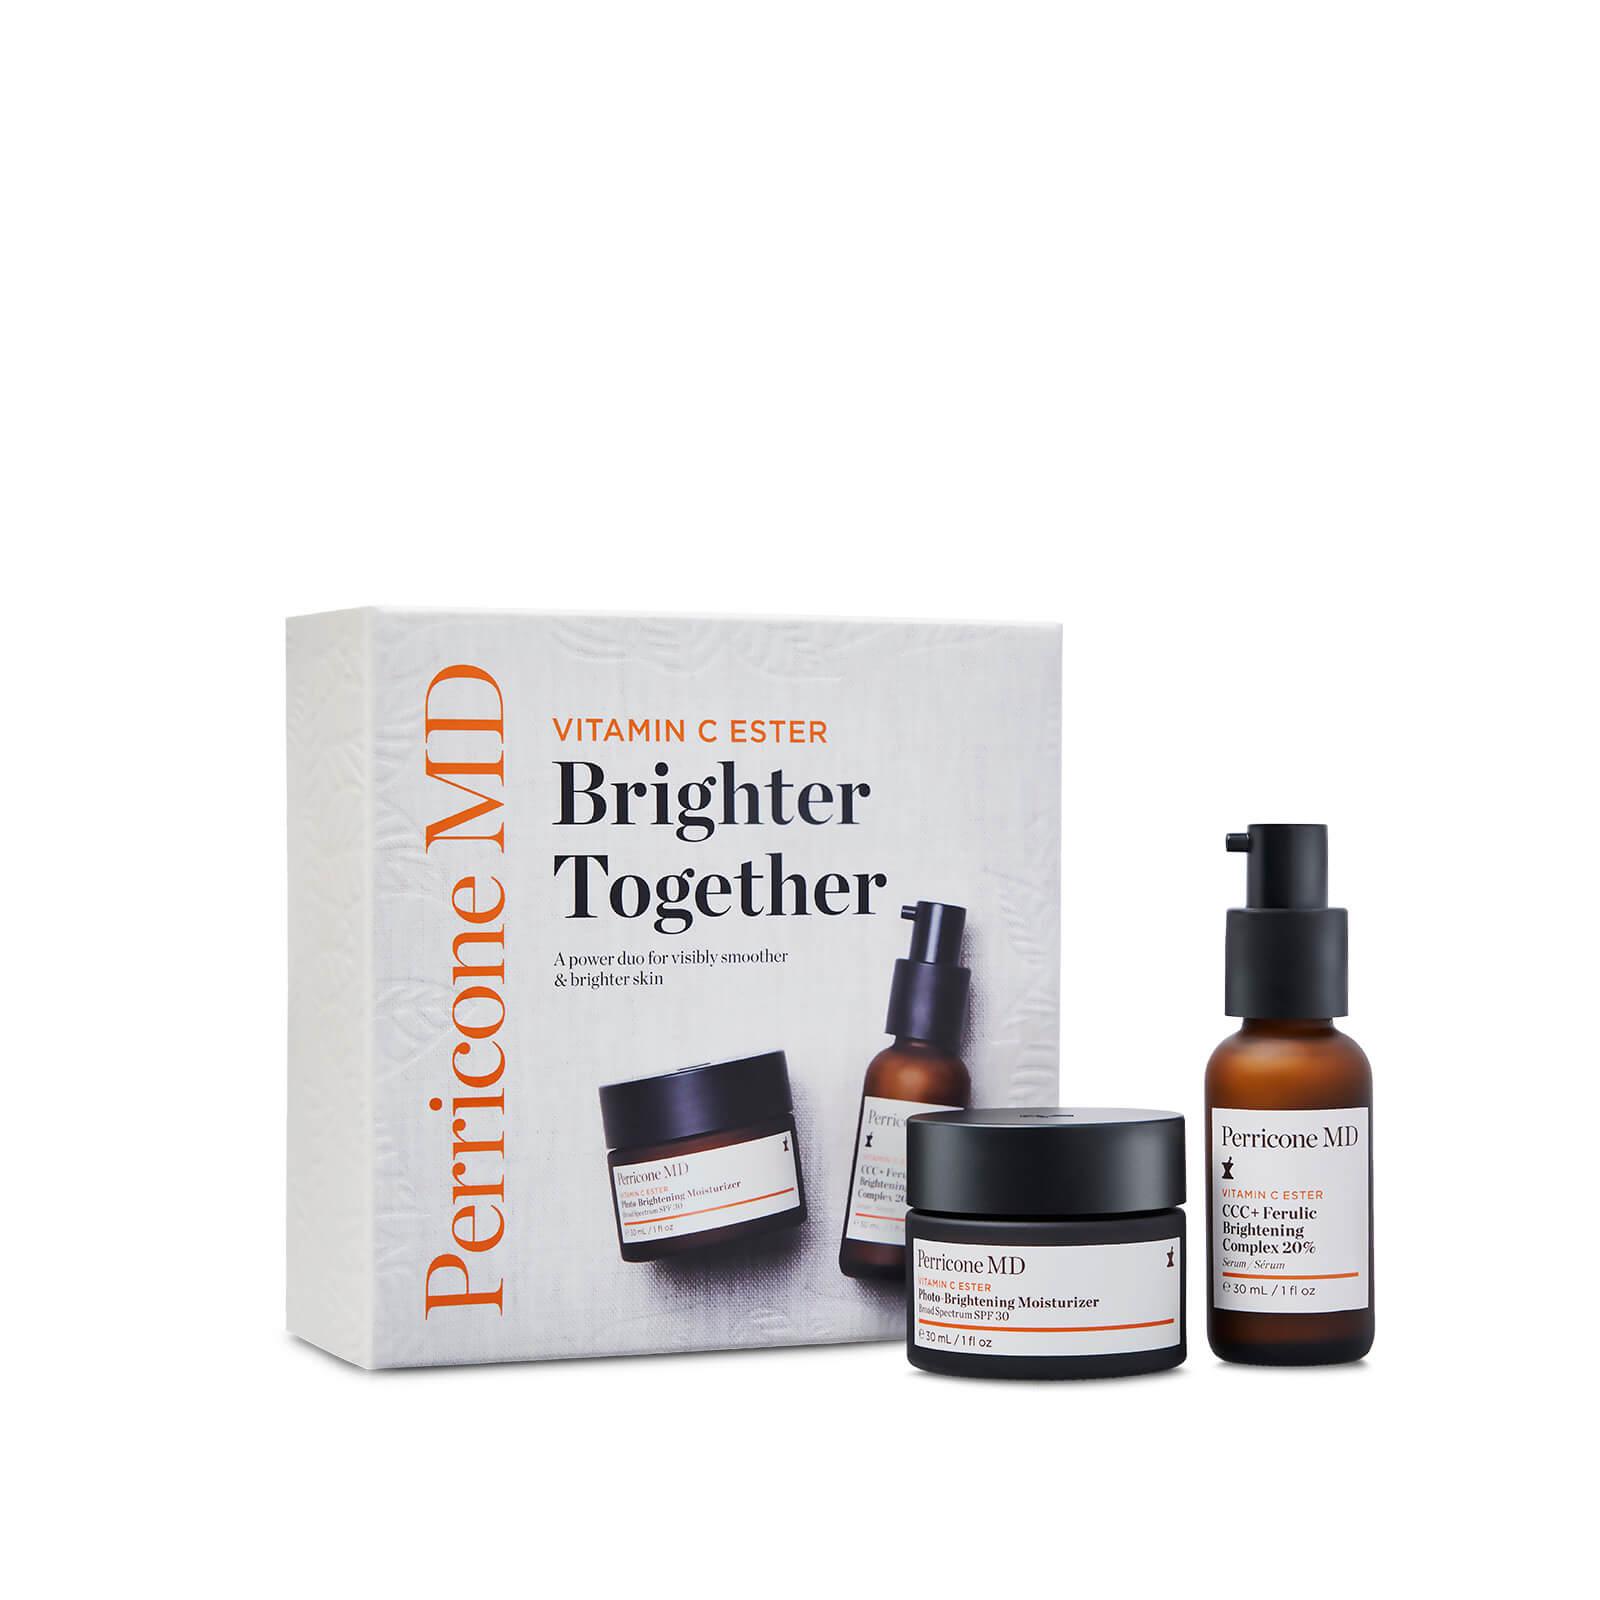 perricone md vitamin c ester brighter together